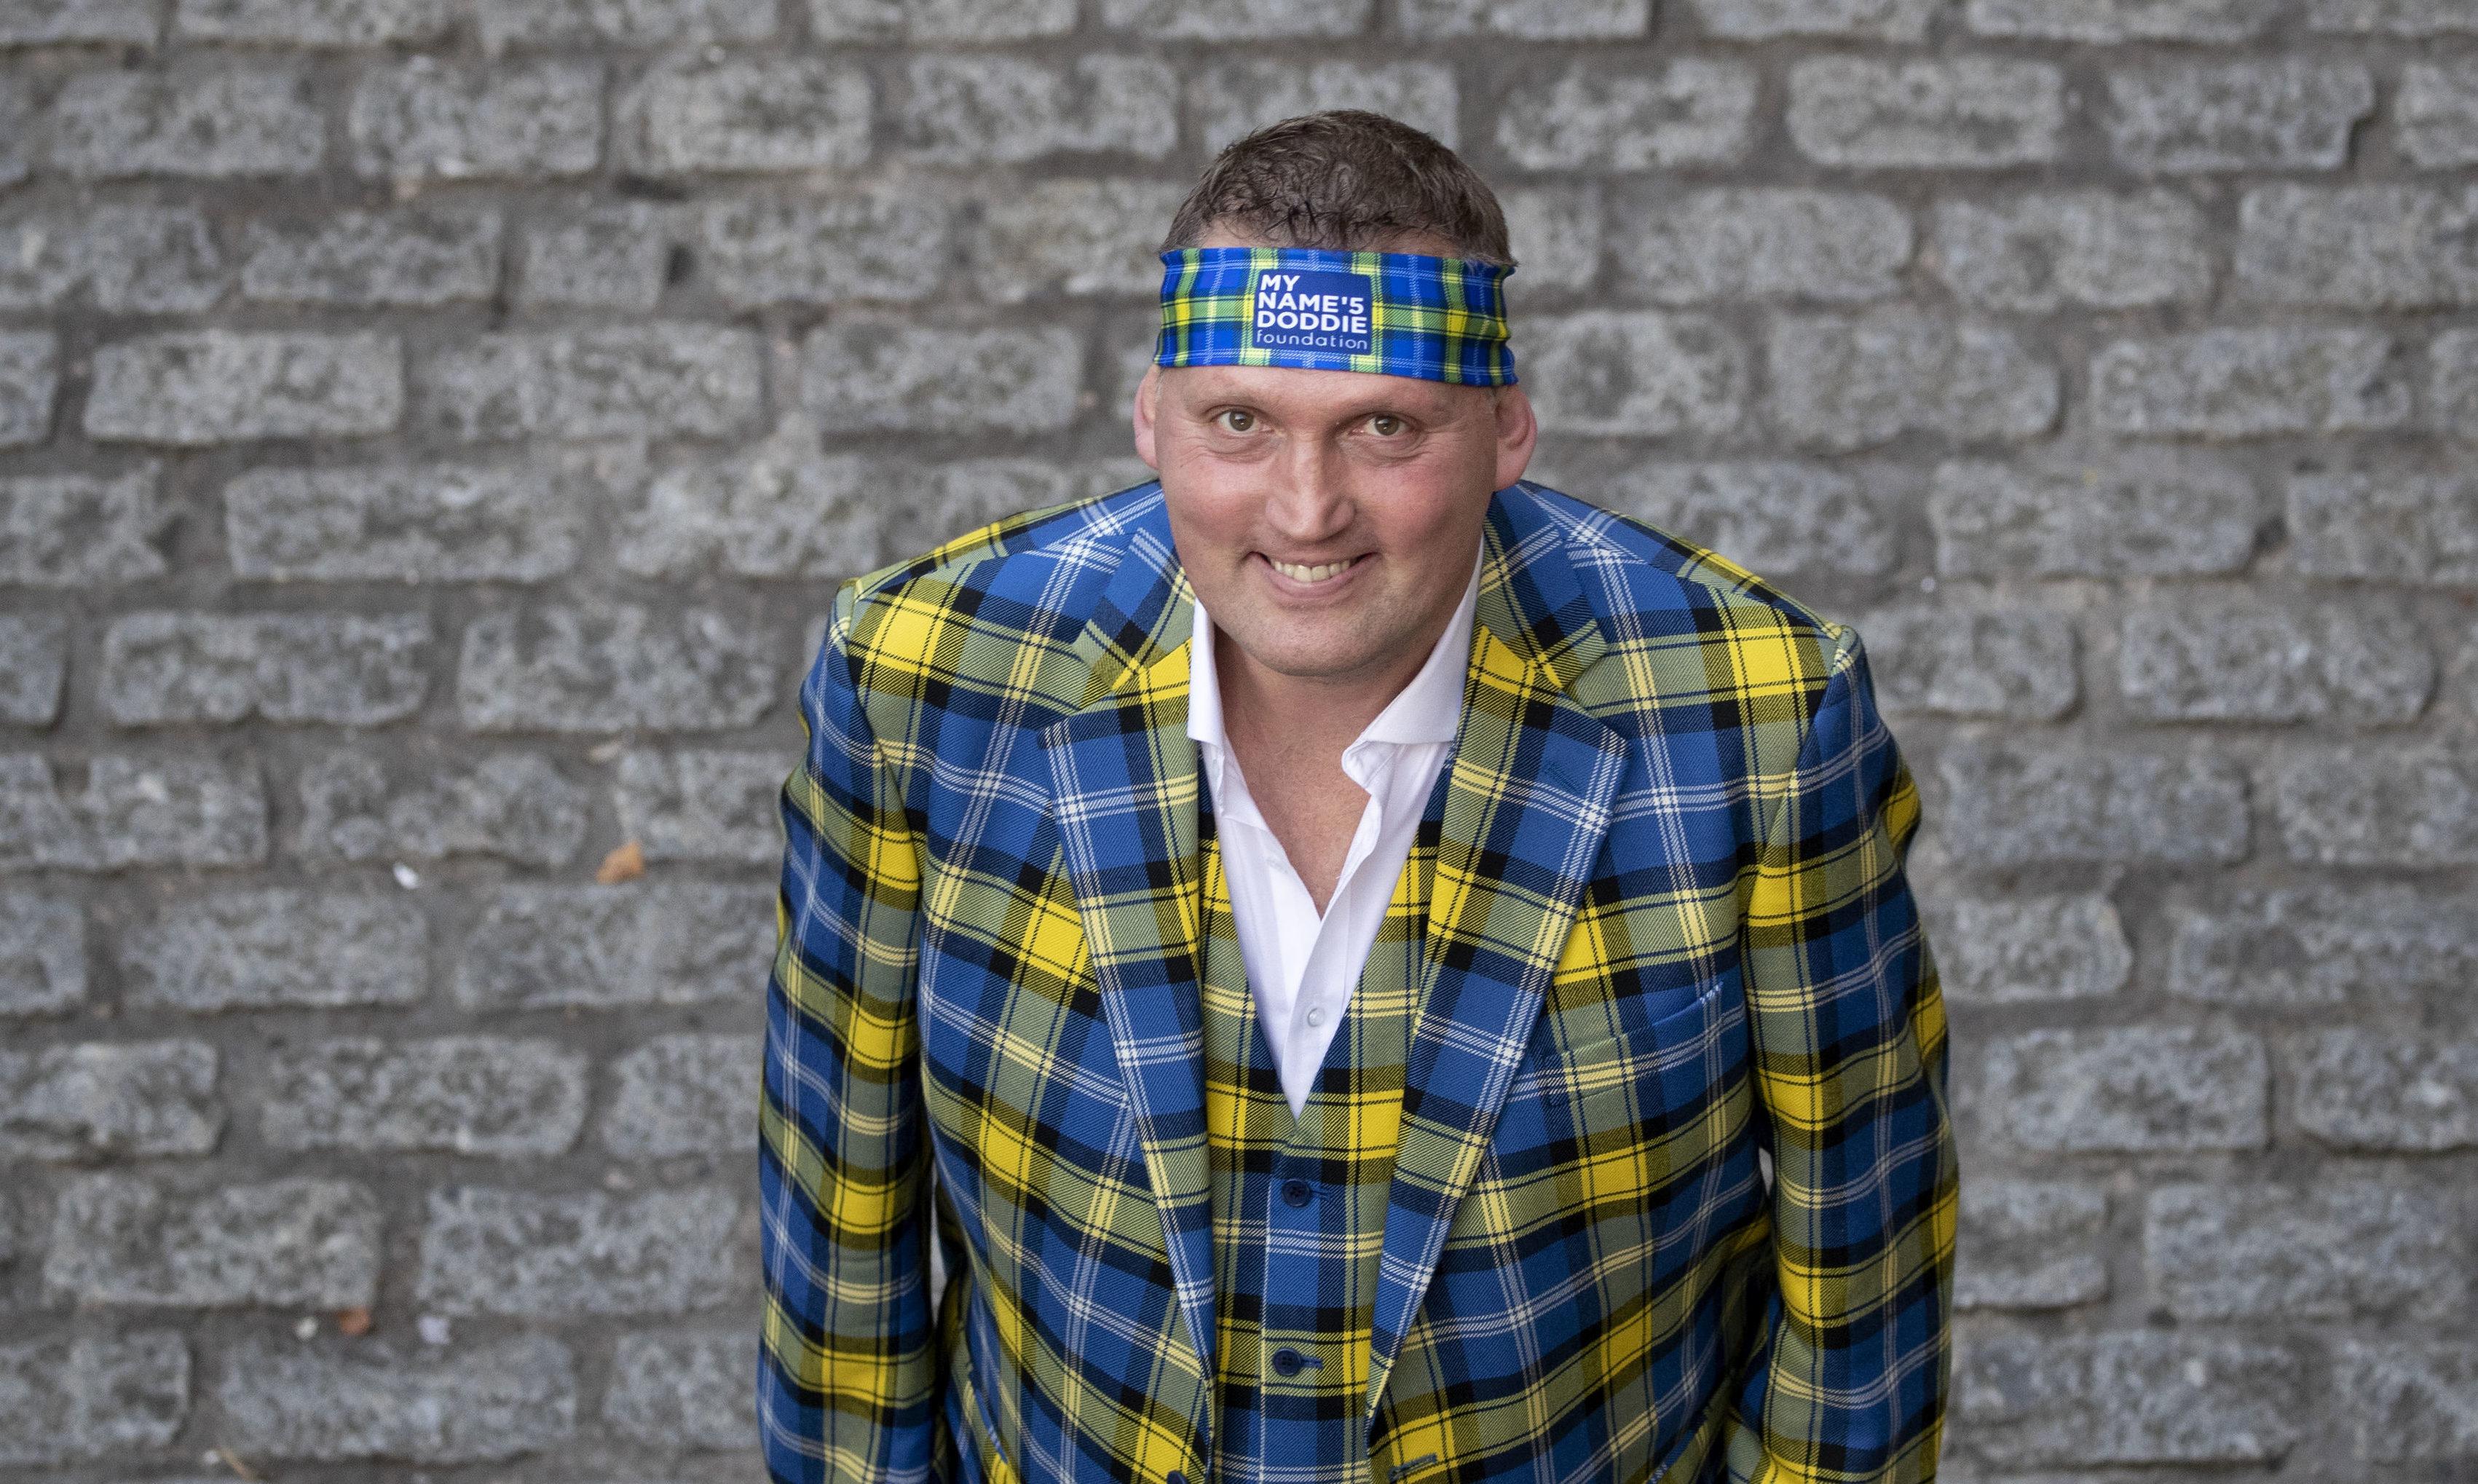 Former Scotland rugby international Doddie Weir.